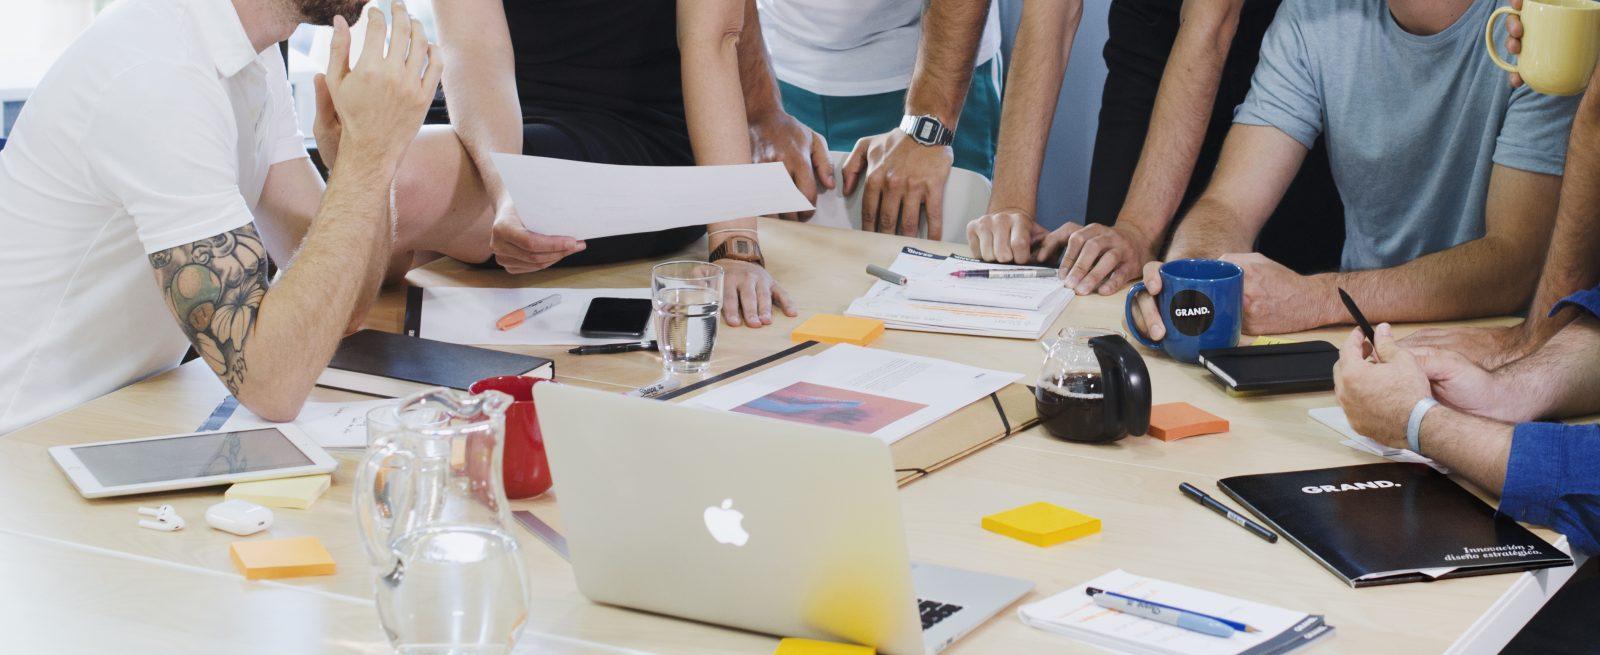 Somos un estudio de innovación y diseño estratégico